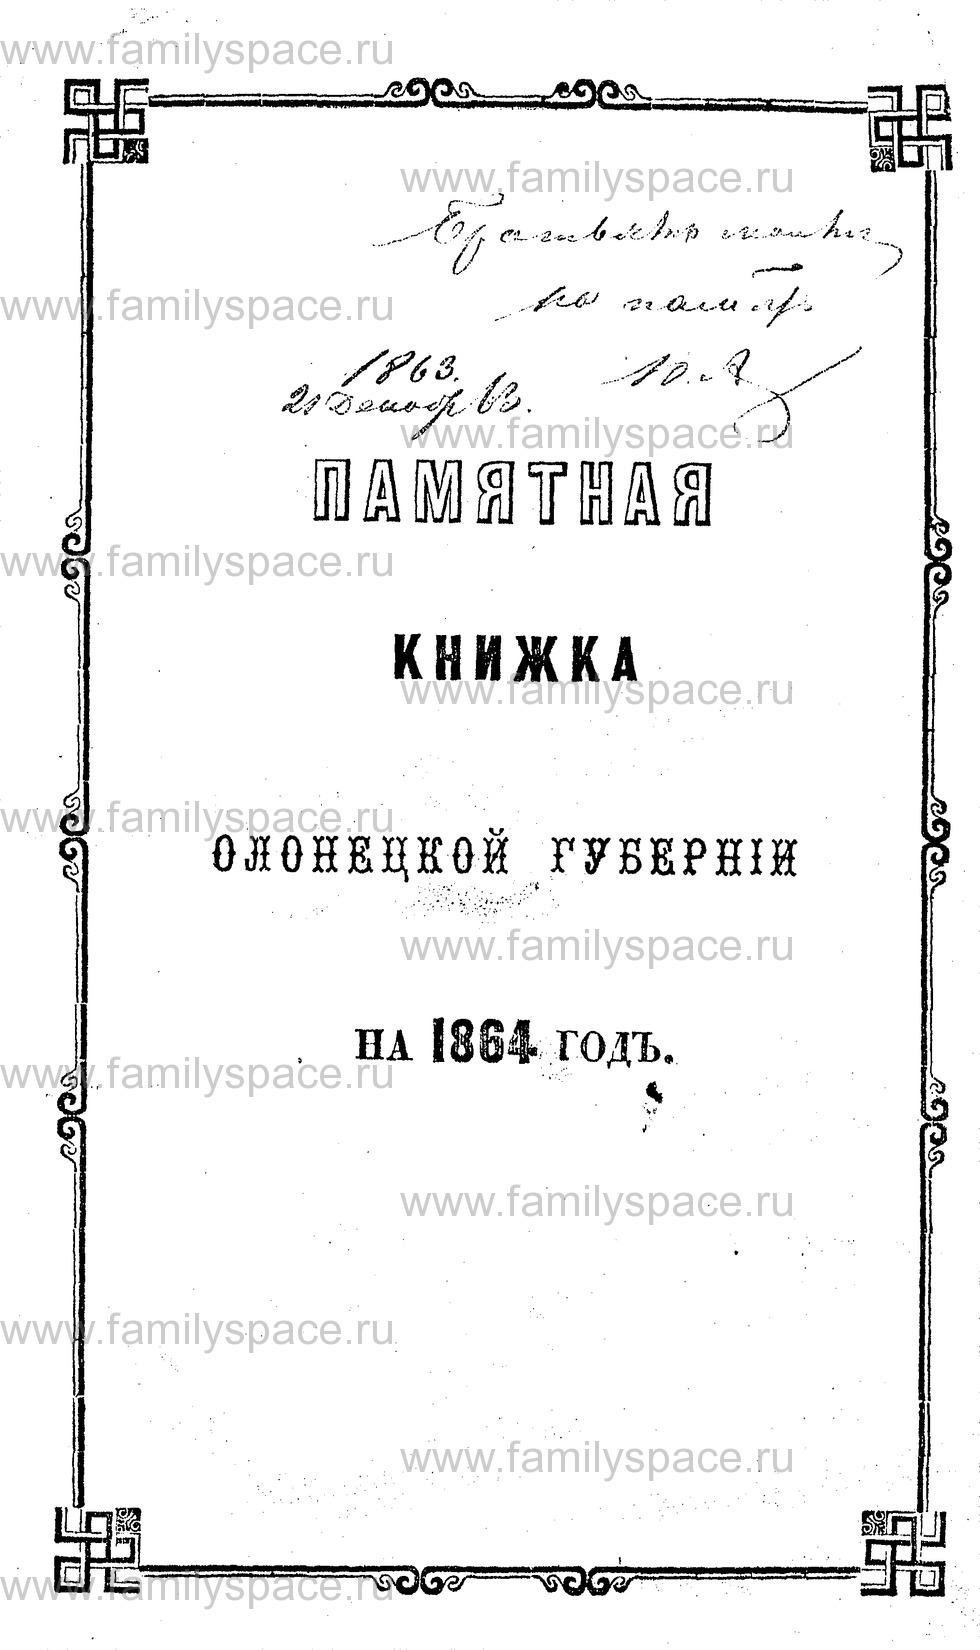 Поиск по фамилии - Памятная книжка Олонецкой губернии на 1864 г, страница 1